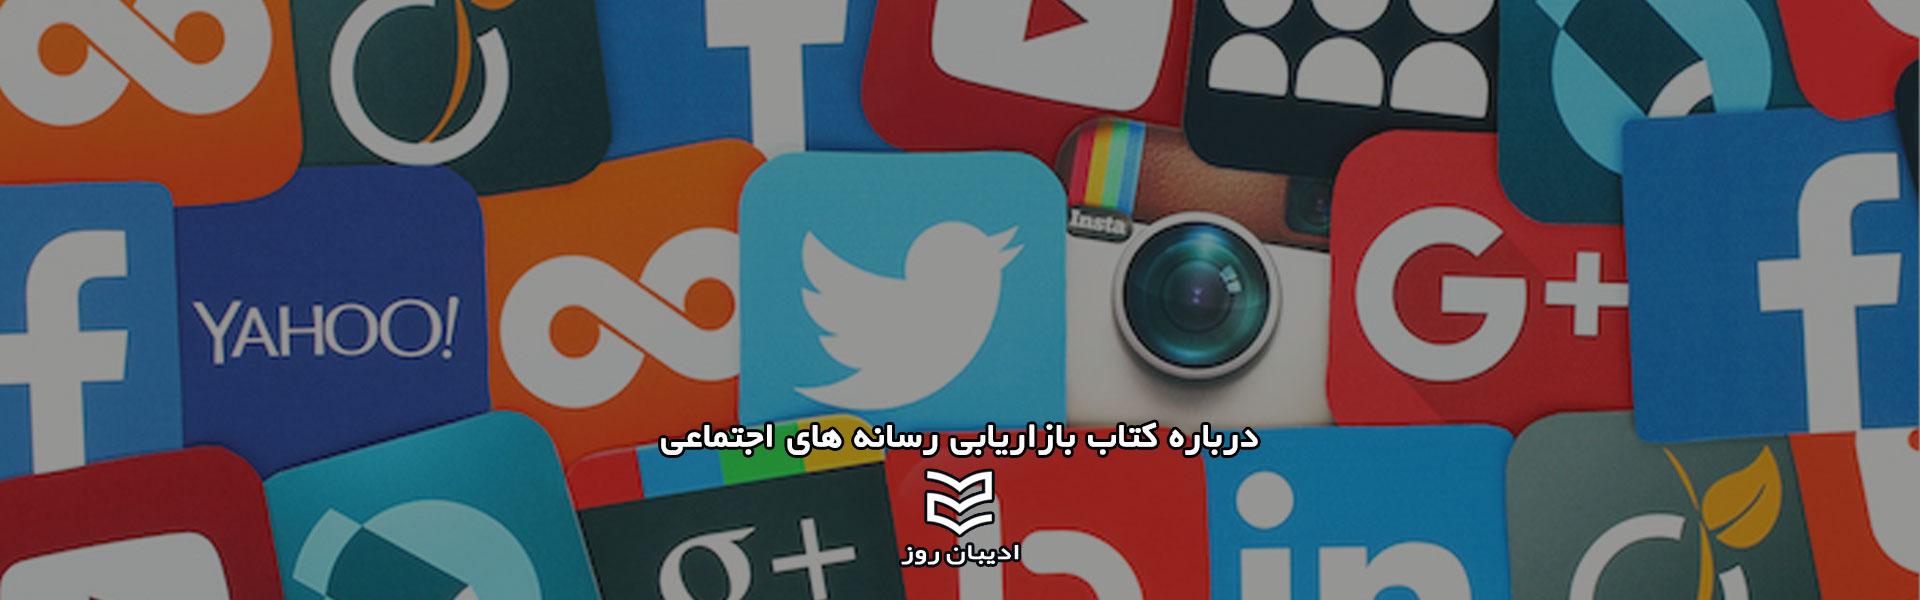 بازاریابی شبکه های اجتماعی یا SMM چیست؟